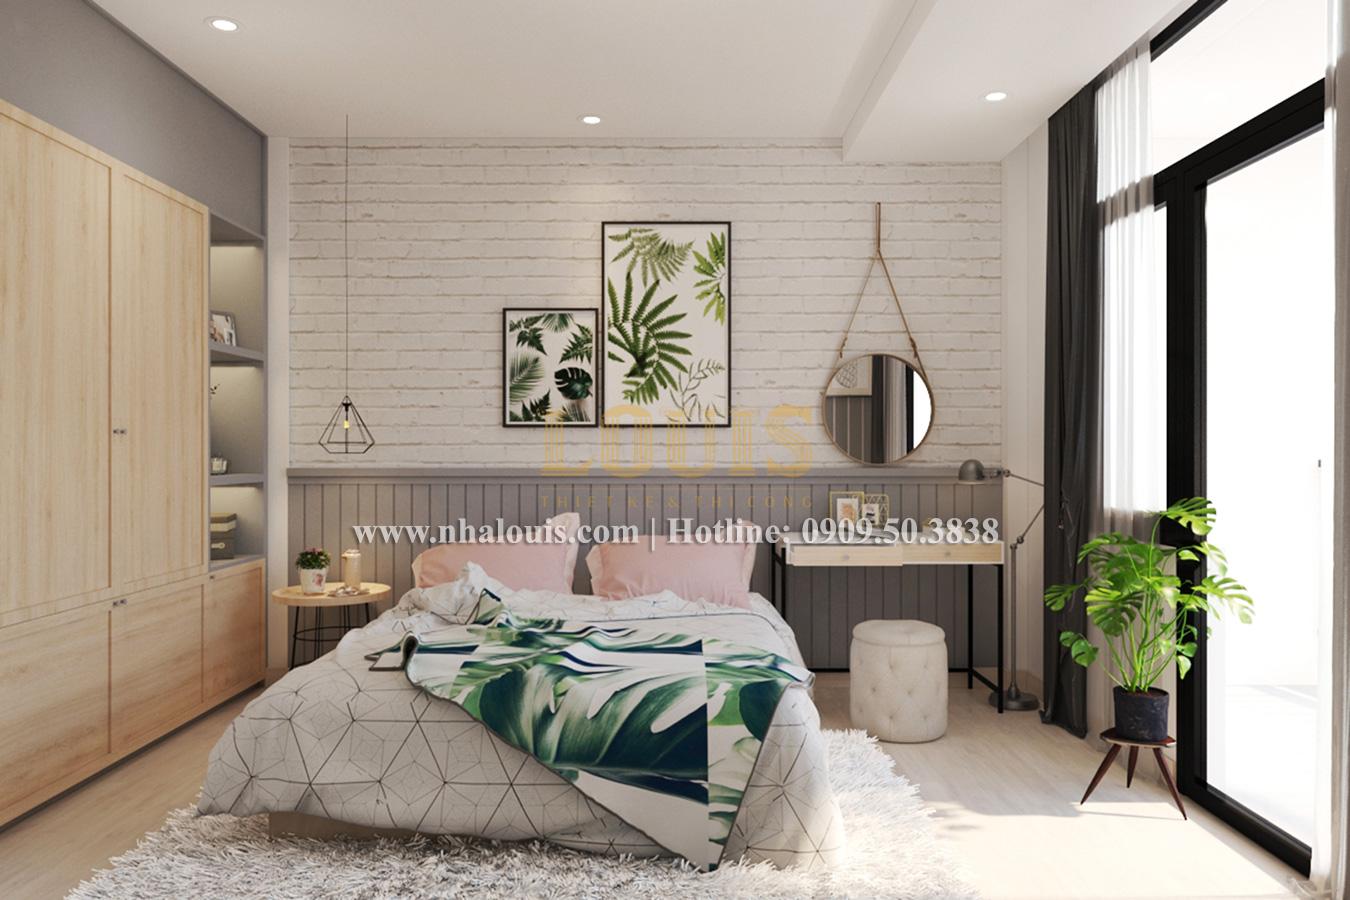 Phòng ngủ Mẫu nhà hiện đại 2 tầng phong cách phương Tây tại Bình Dương - 10